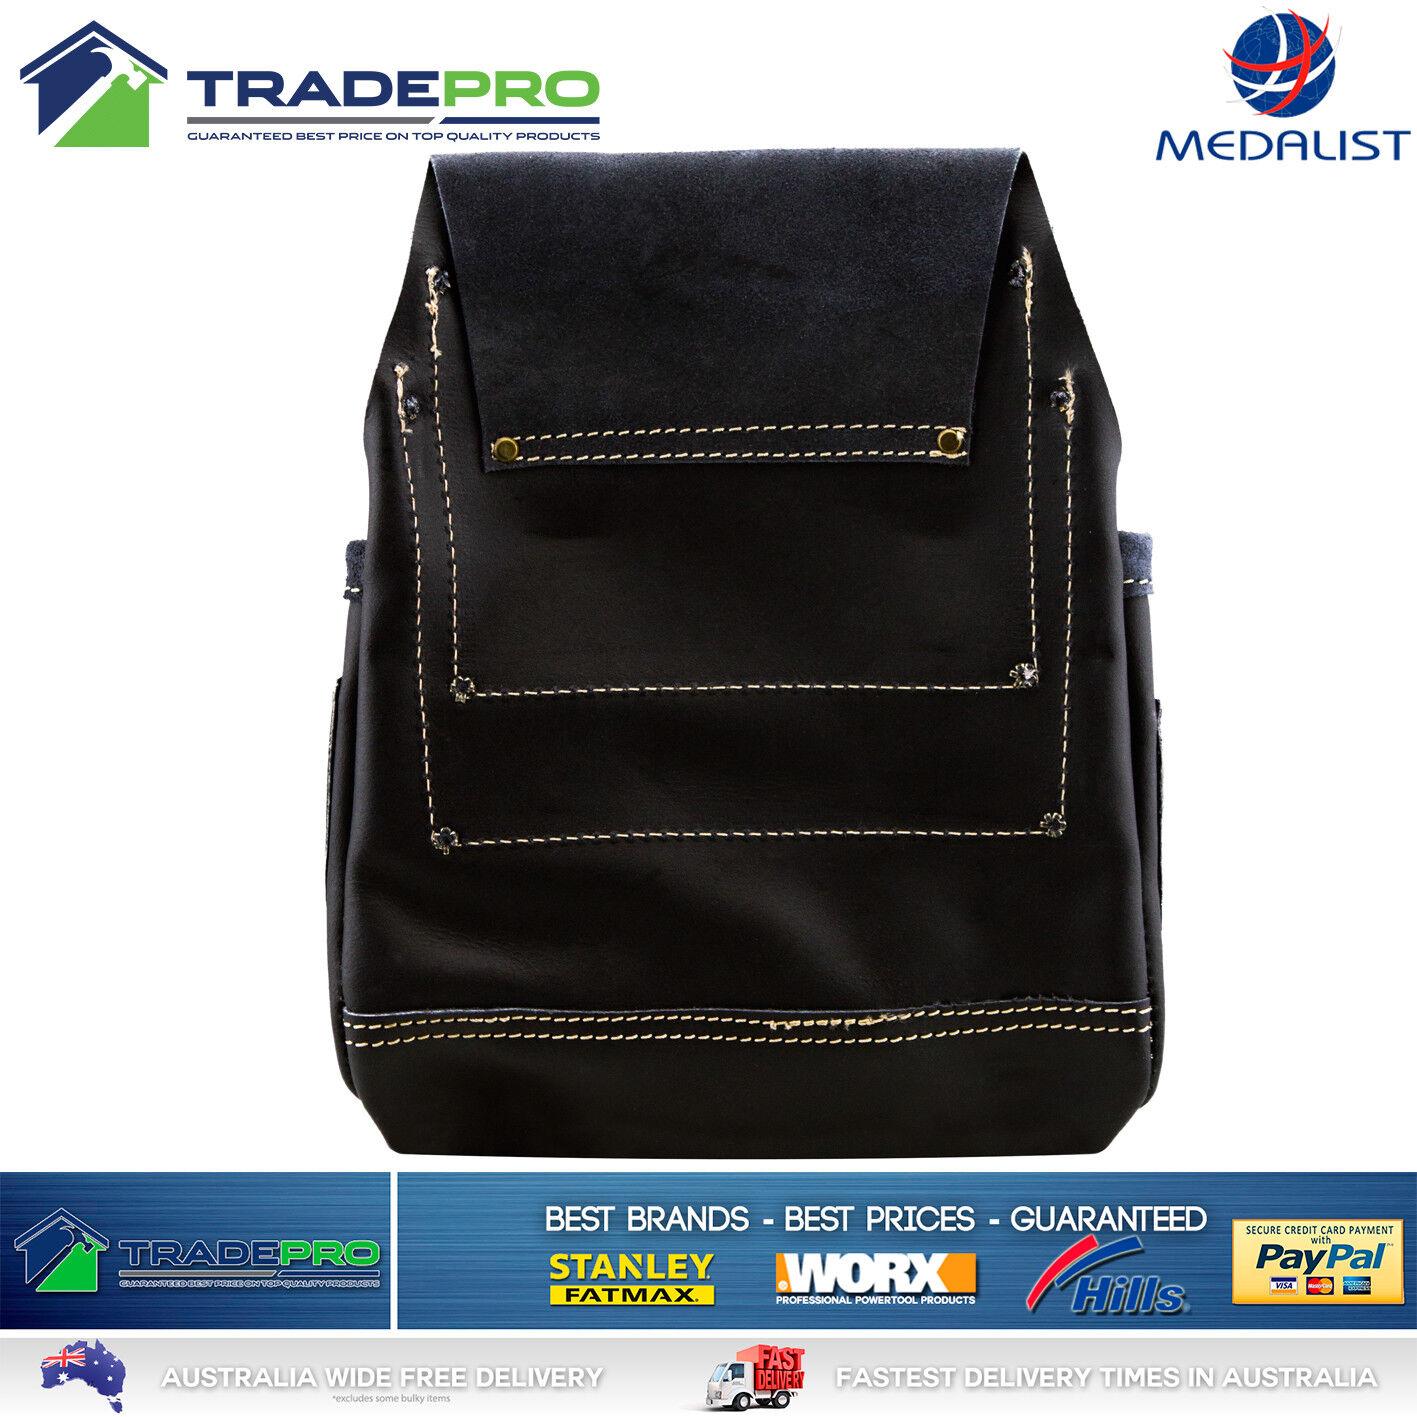 Top Handbag Brands In Australia